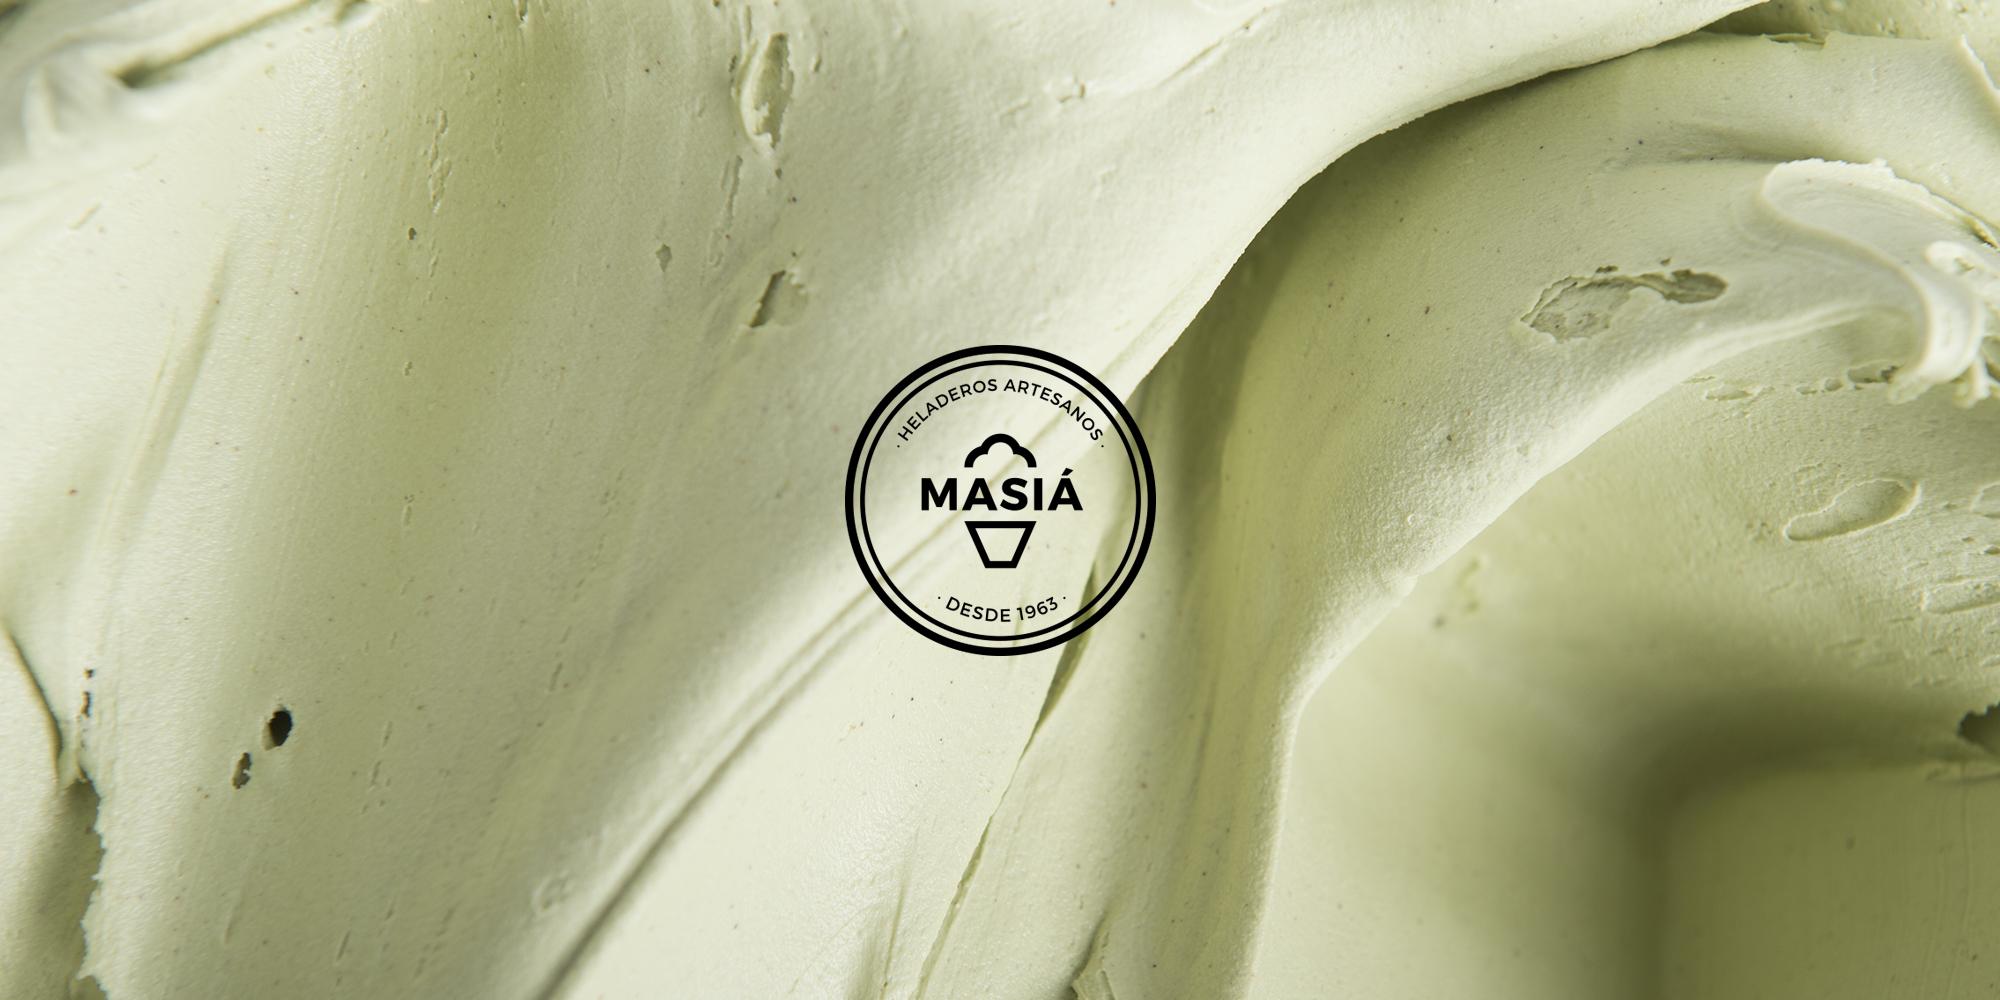 Nueva imagen de marca para Masiá Heladeros Artesanos